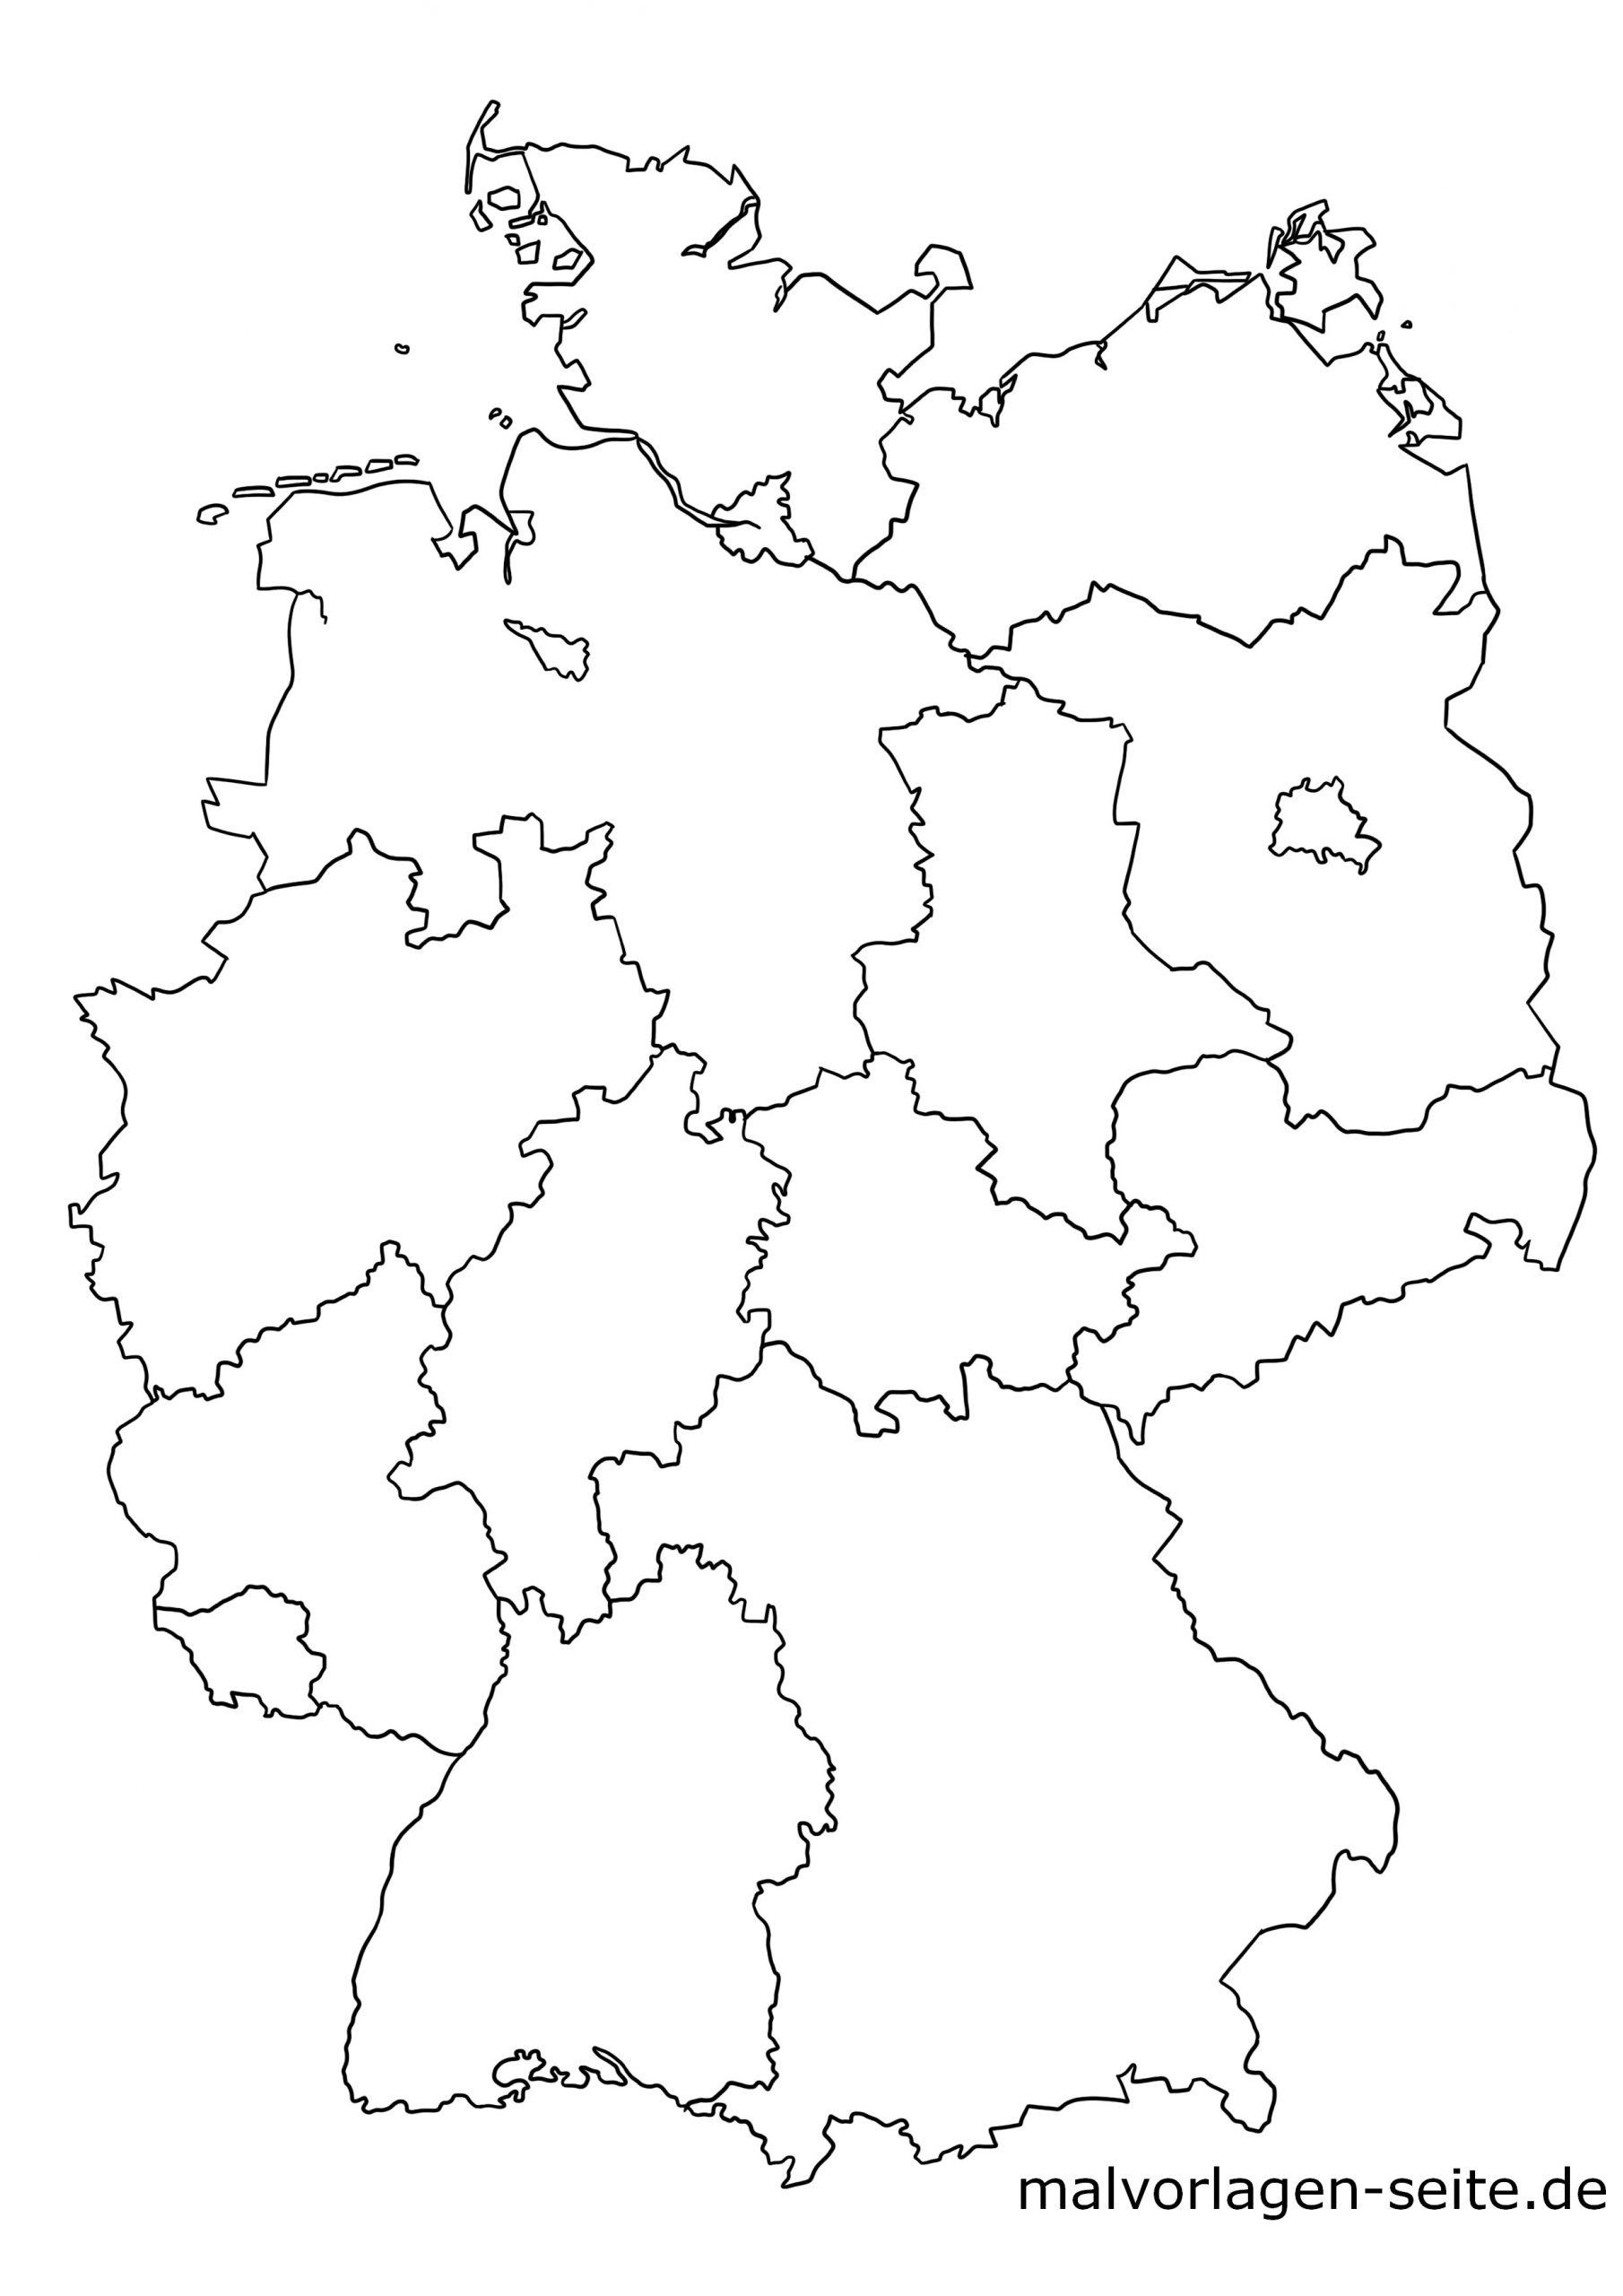 Deutschland Landkarte Der Bundesländer - Politsche Karte bei Deutschlandkarte Zum Ausmalen